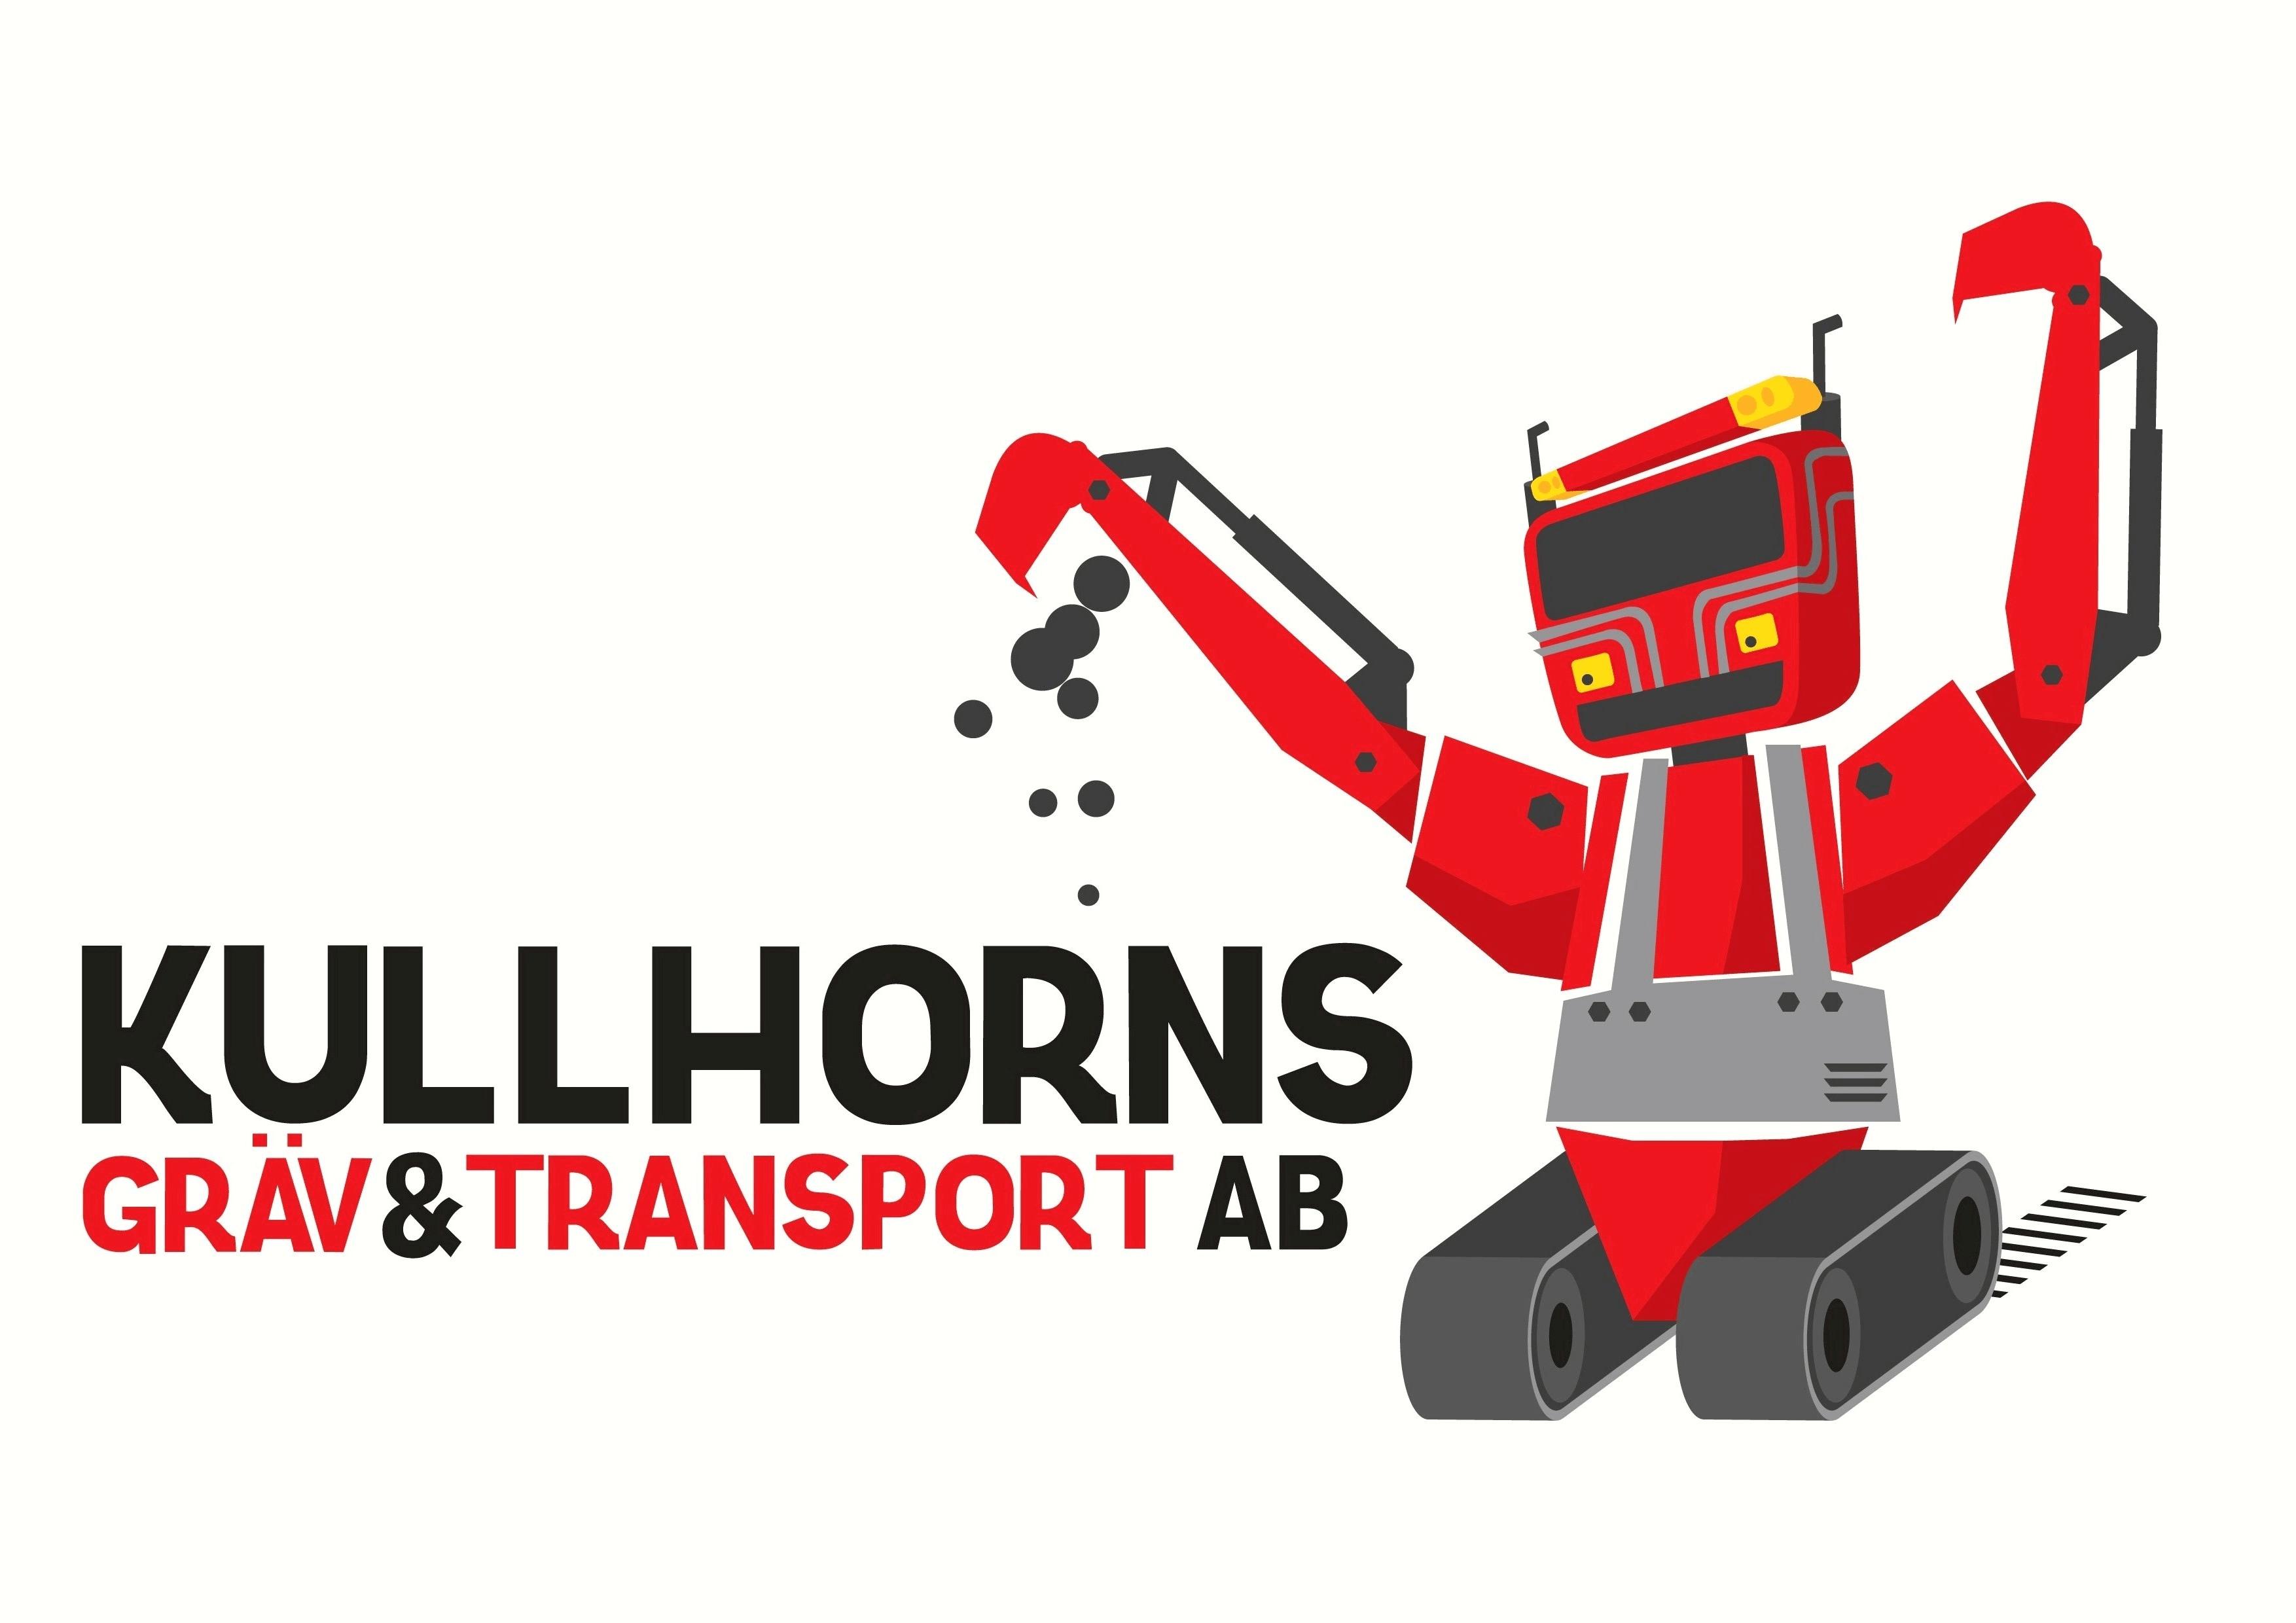 Kullhorns Gräv & Transport AB